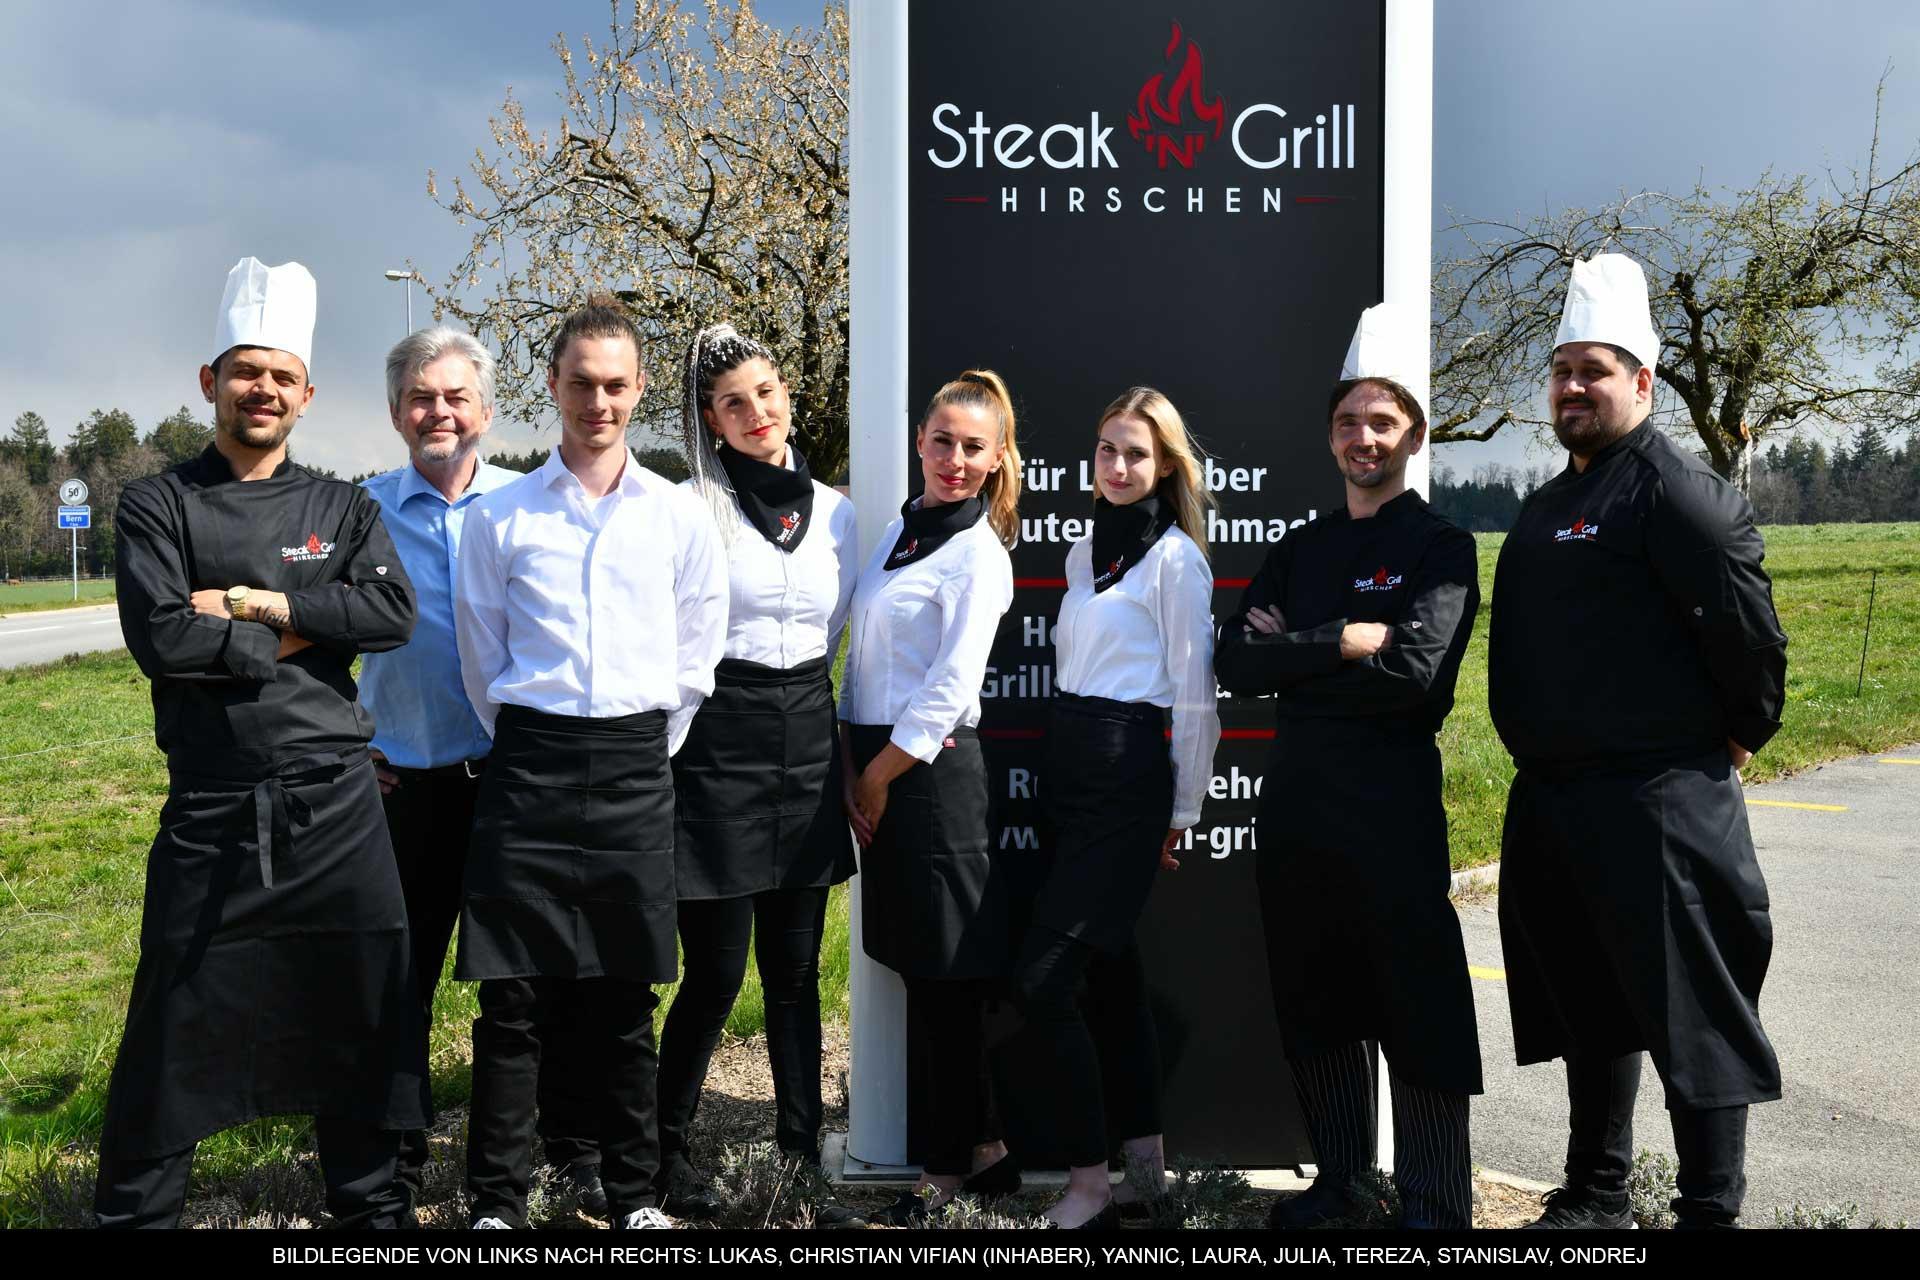 Steak-n-Grill-Hirschen-Ortschwaben_Team2